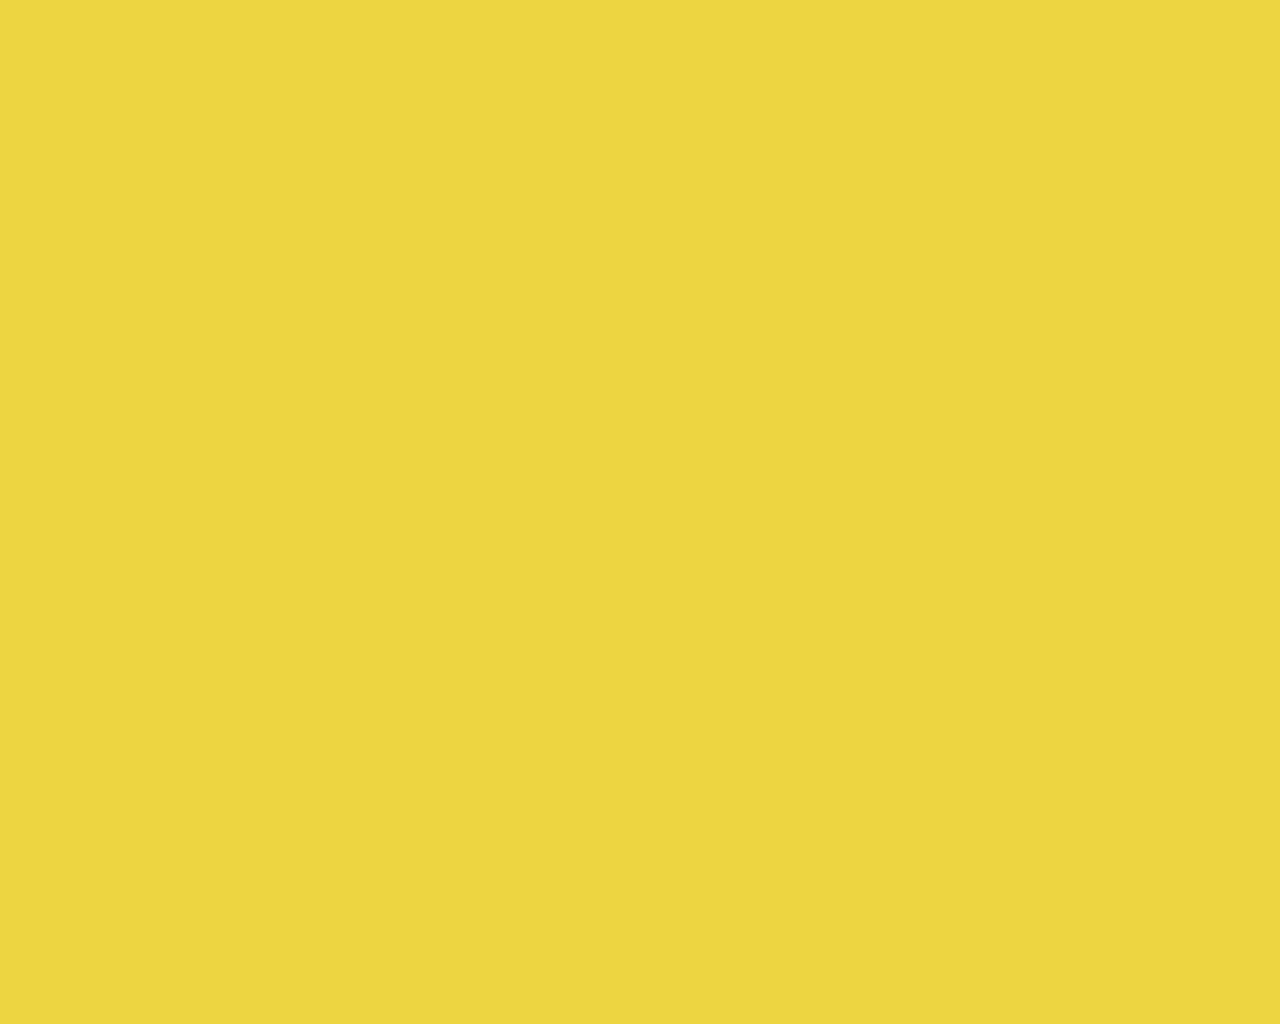 1280x1024 Sandstorm Solid Color Background